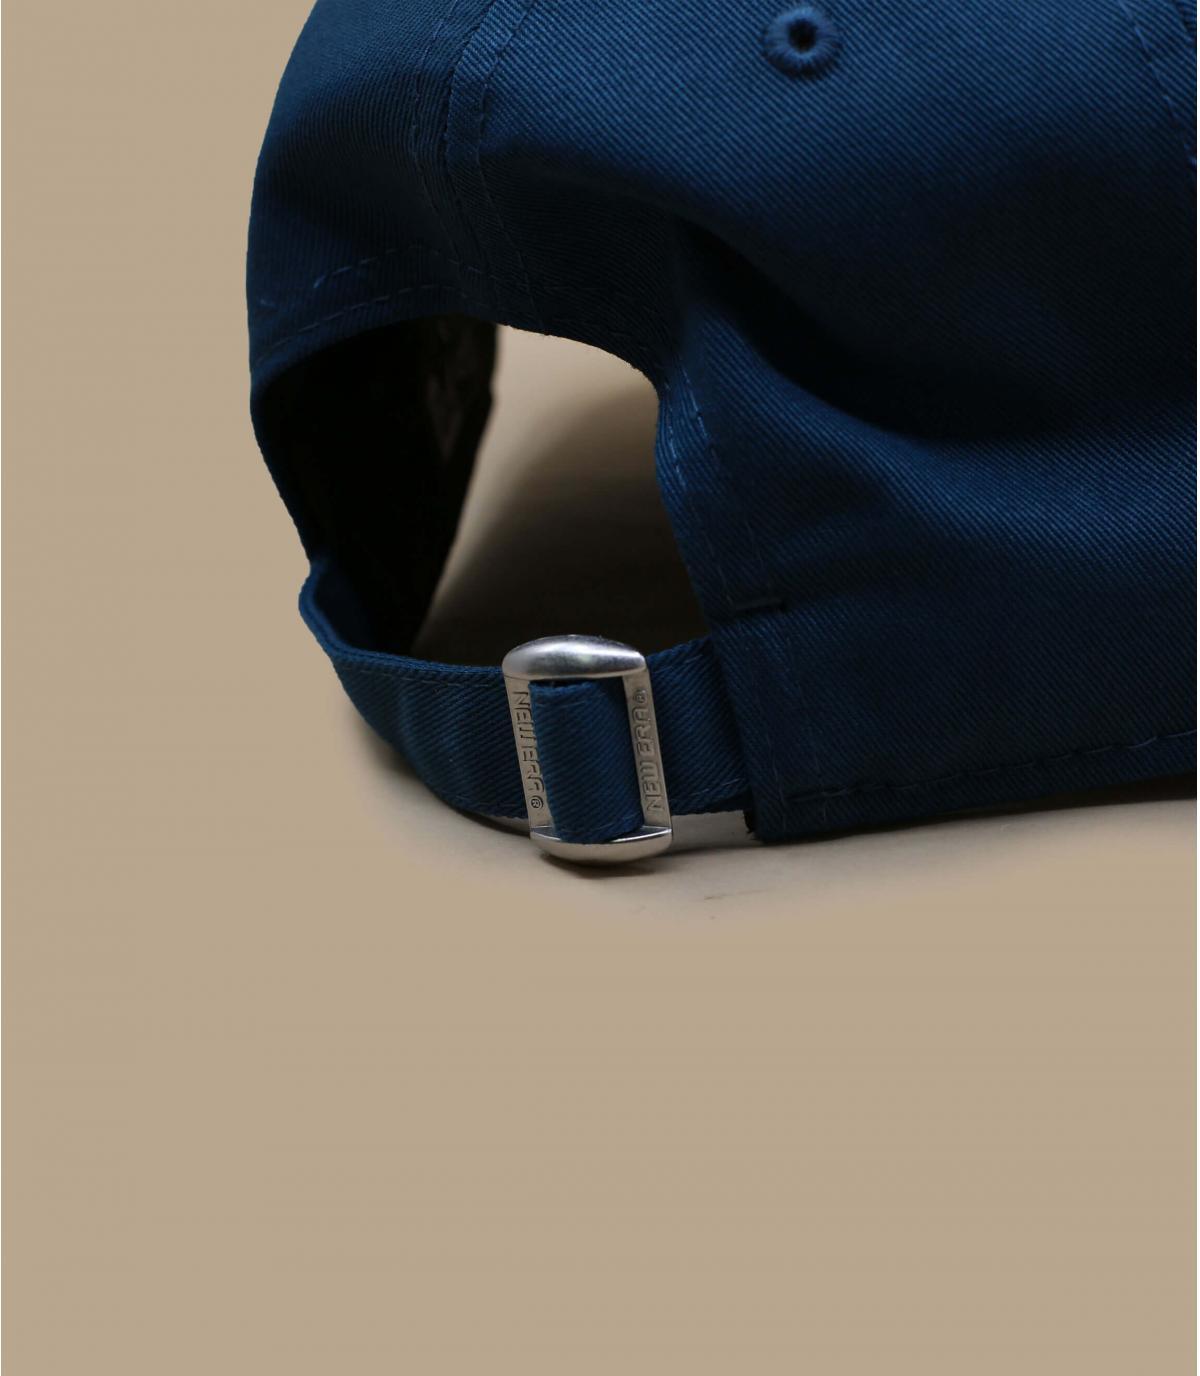 Détails Casquette League Ess Boston 940 cadet blue navy - image 4